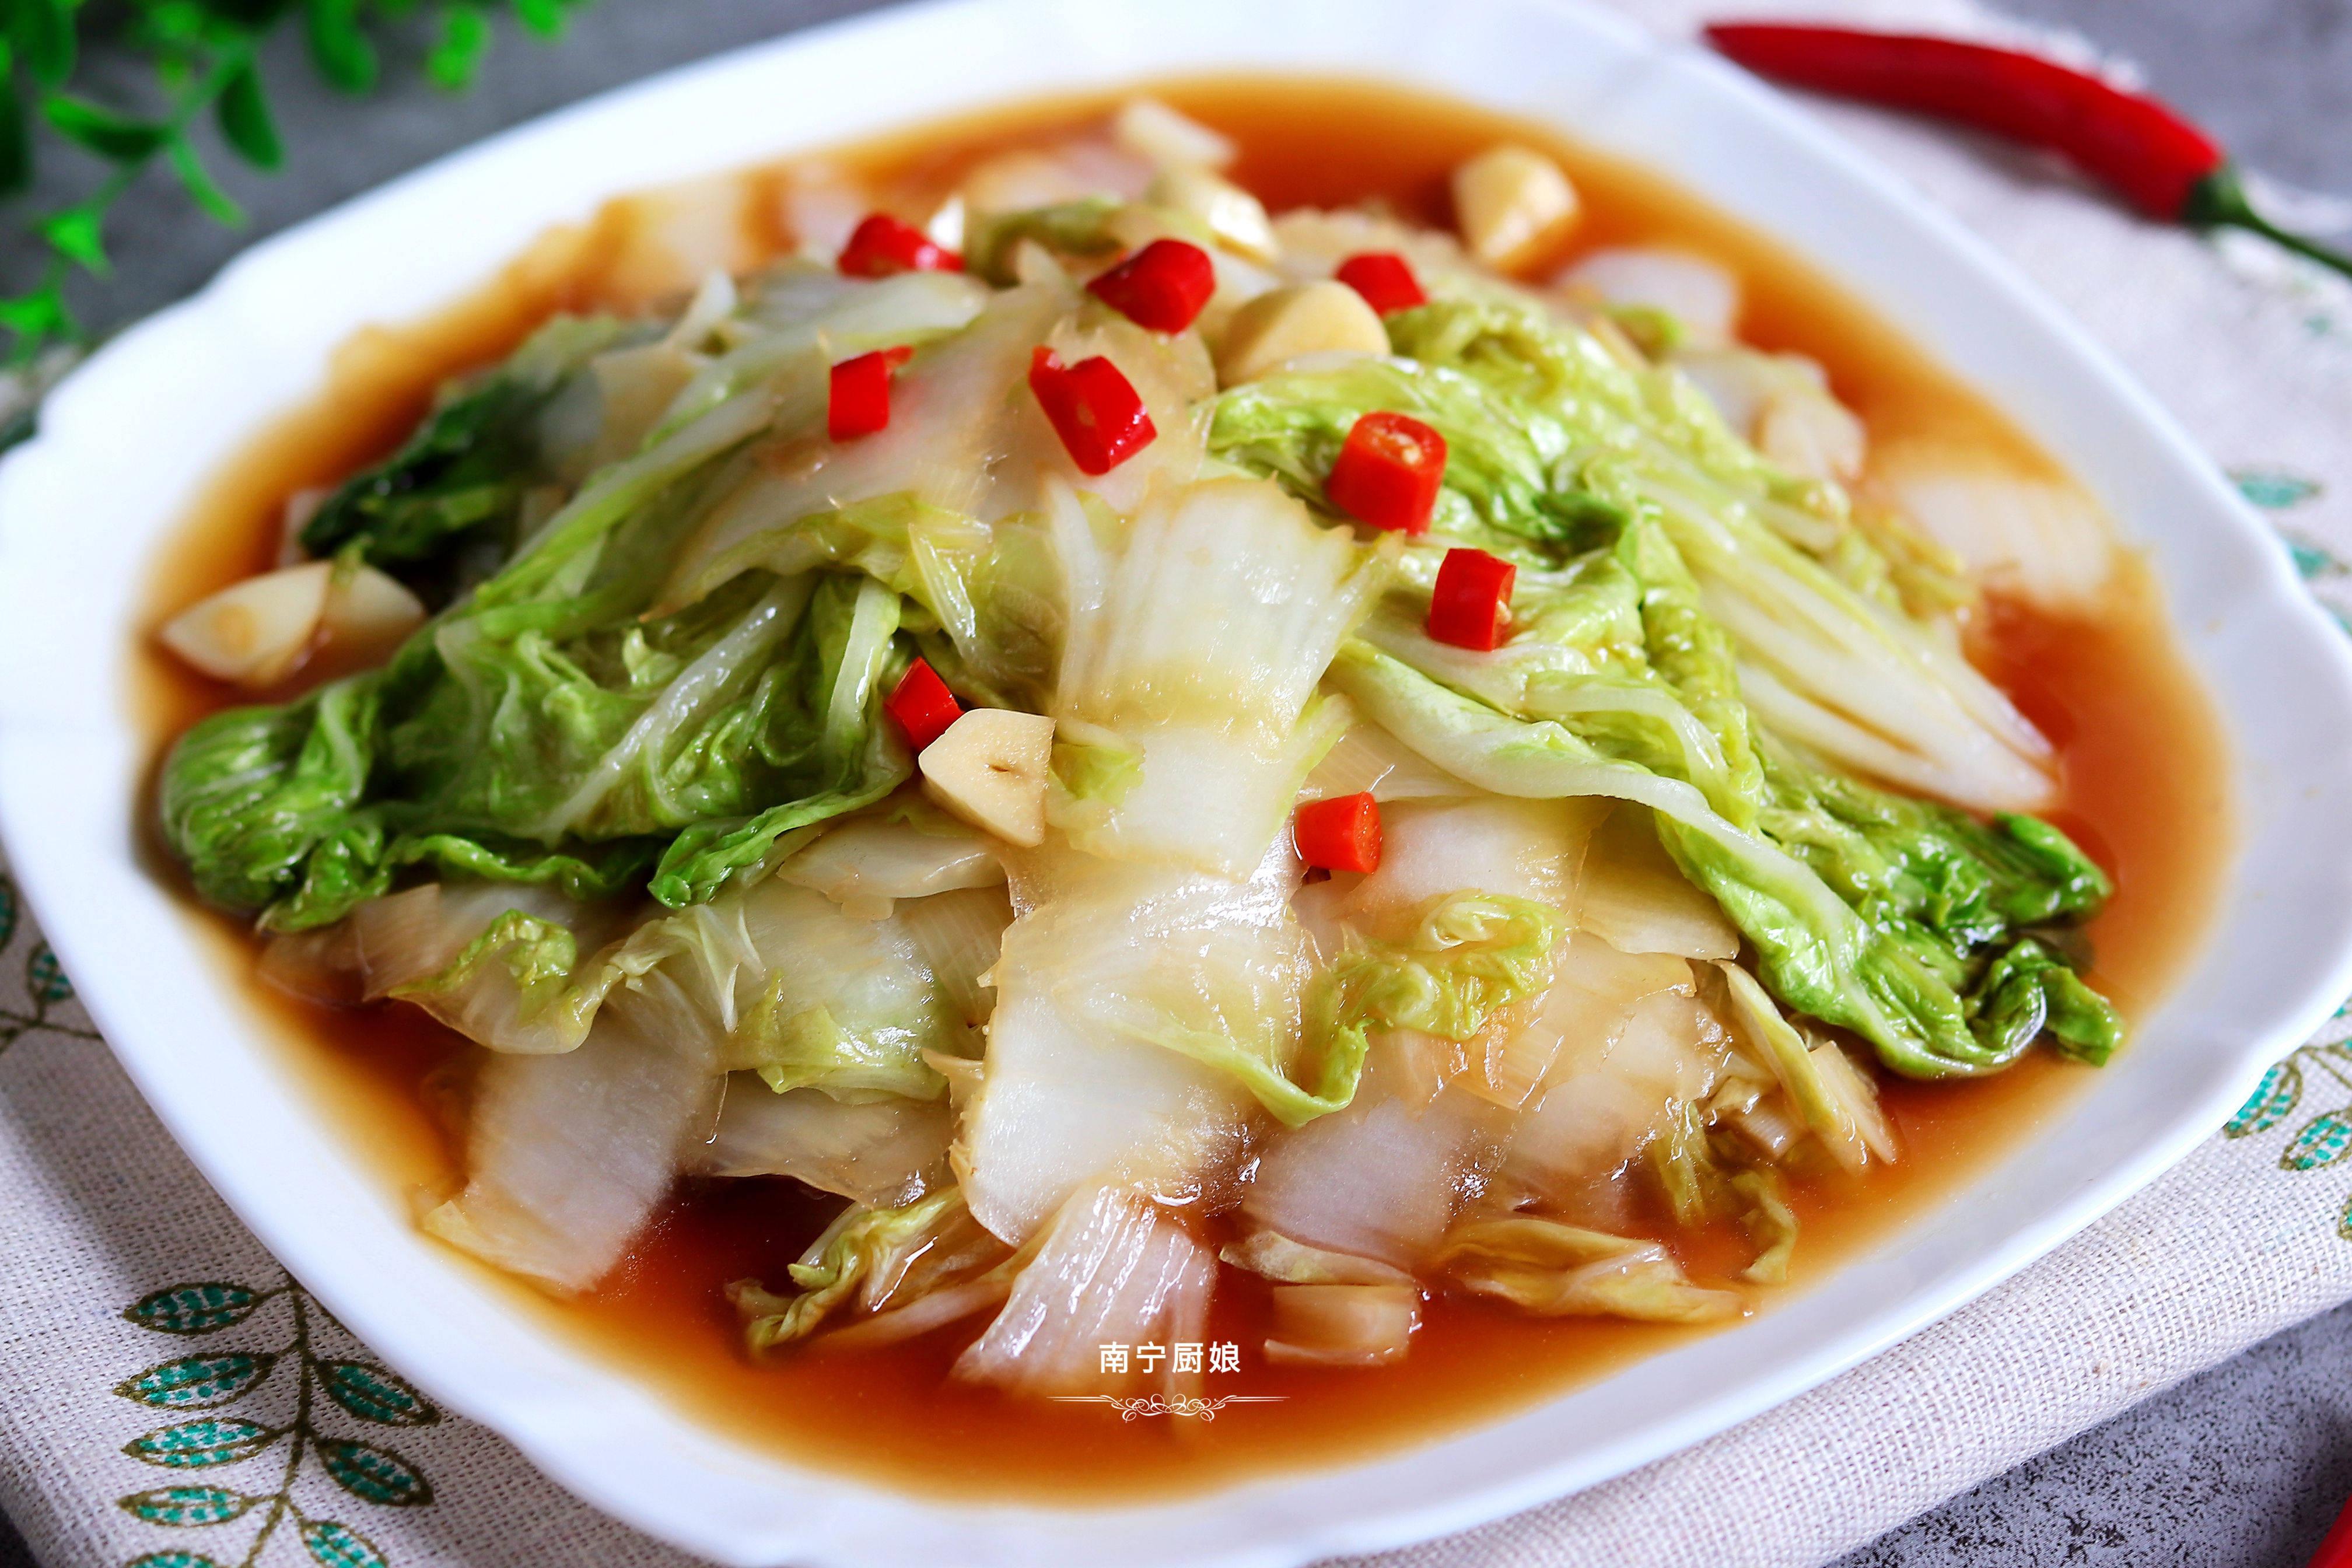 百吃不腻的白菜做法,3块钱做出一大盘,酸辣开胃,多吃2碗米饭